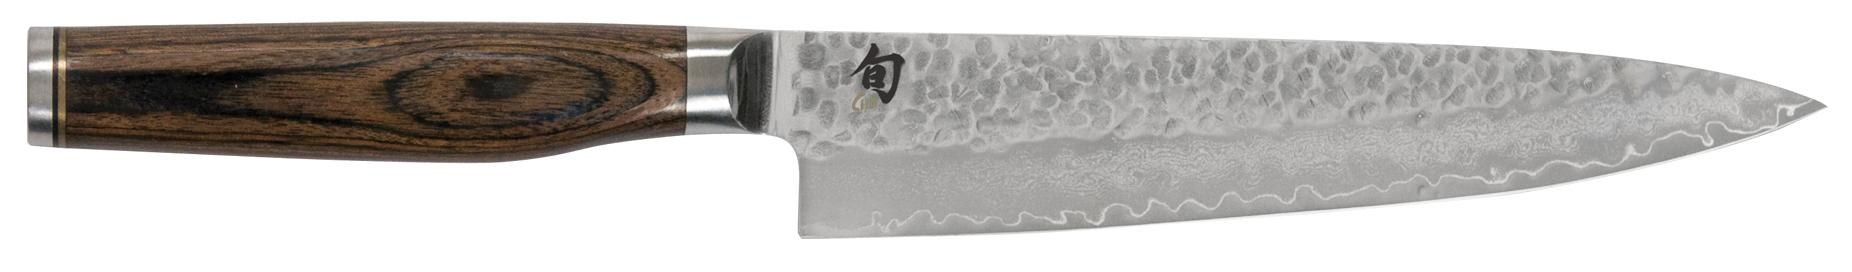 Kai Shun Premier Utility Knife Shun Premier Kai Cutlery